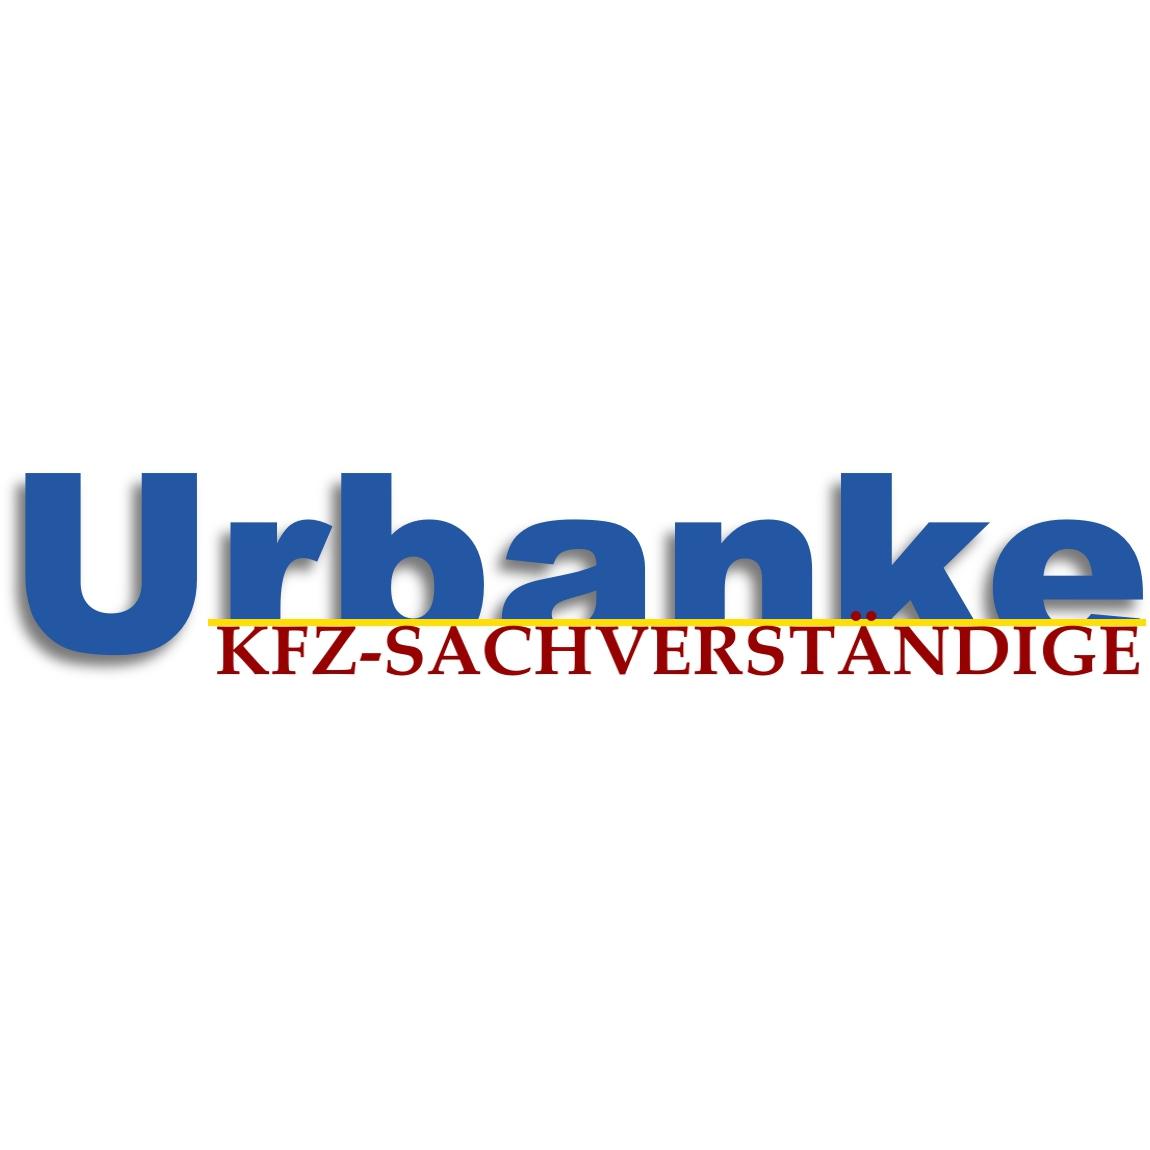 Bild zu Kfz-Sachverständige Urbanke & Partner in Berlin